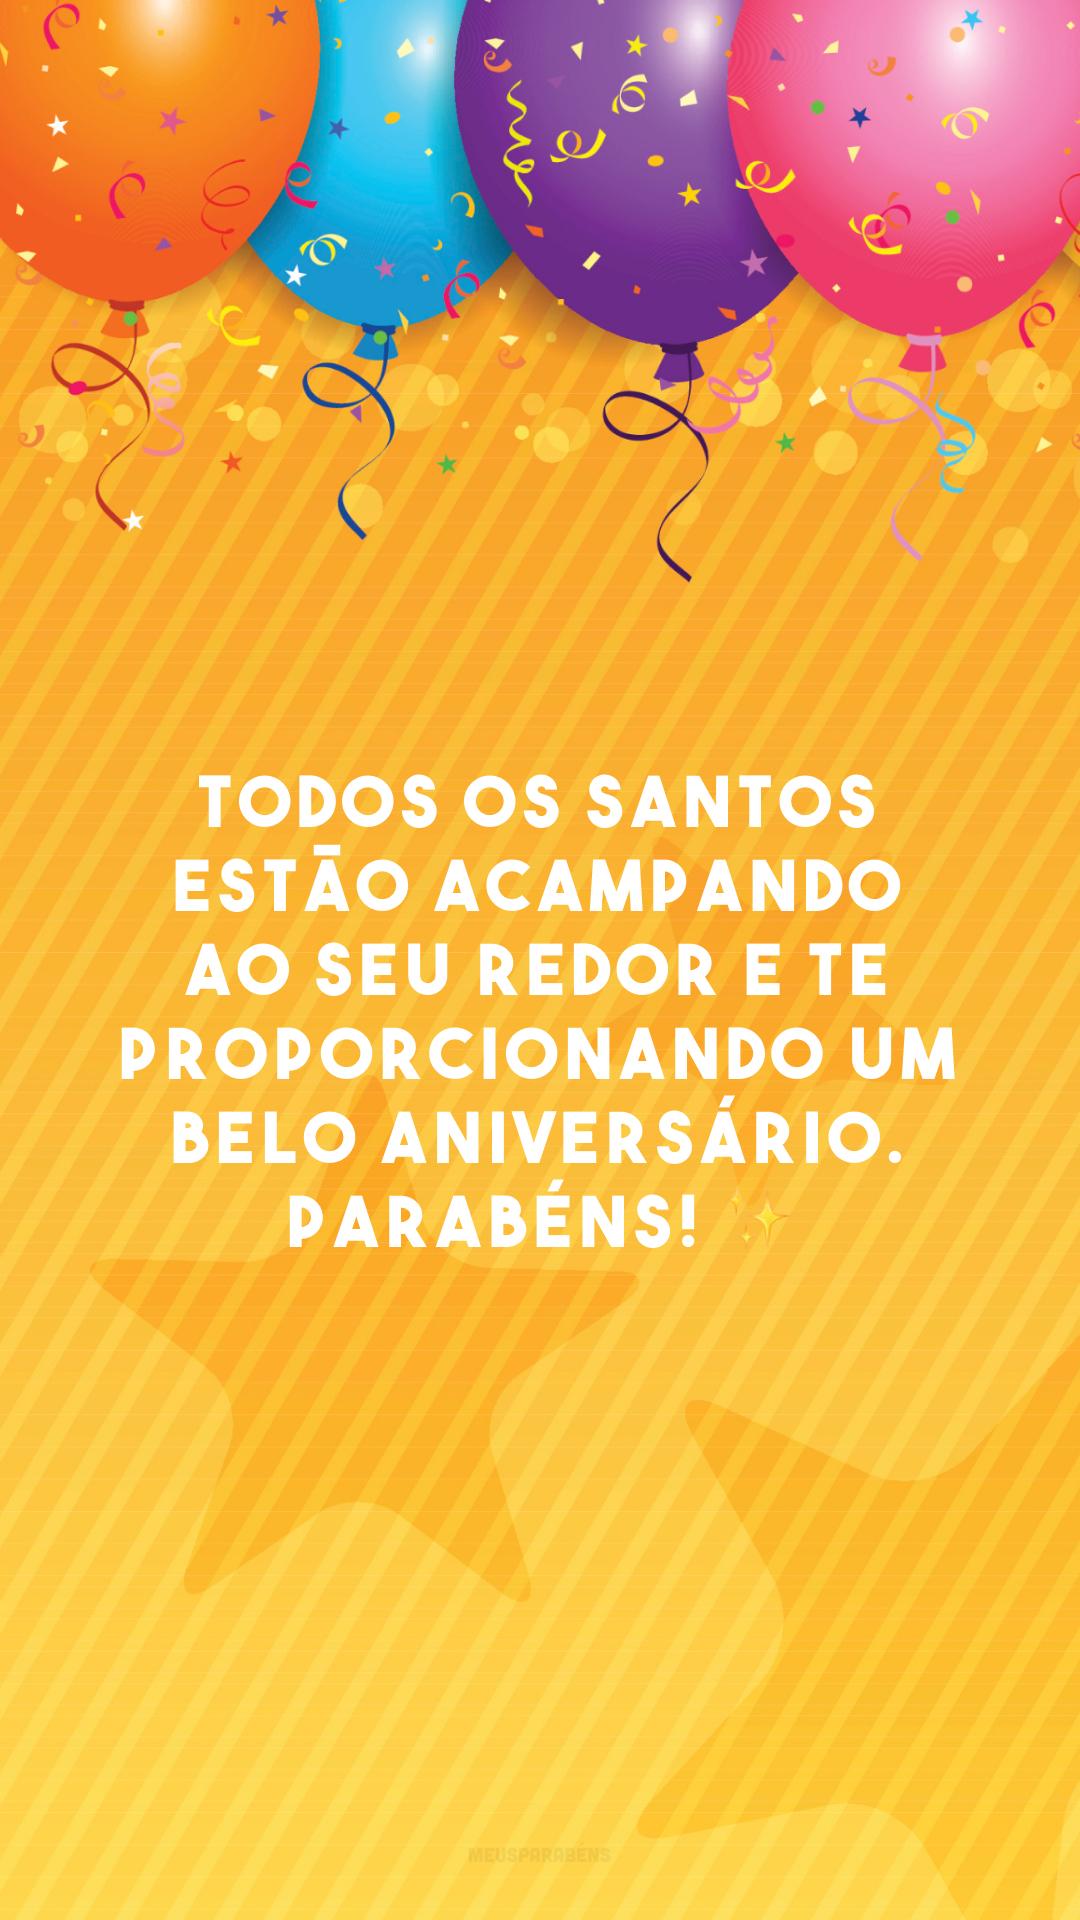 Todos os Santos estão acampando ao seu redor e te proporcionando um belo aniversário. Parabéns! ✨